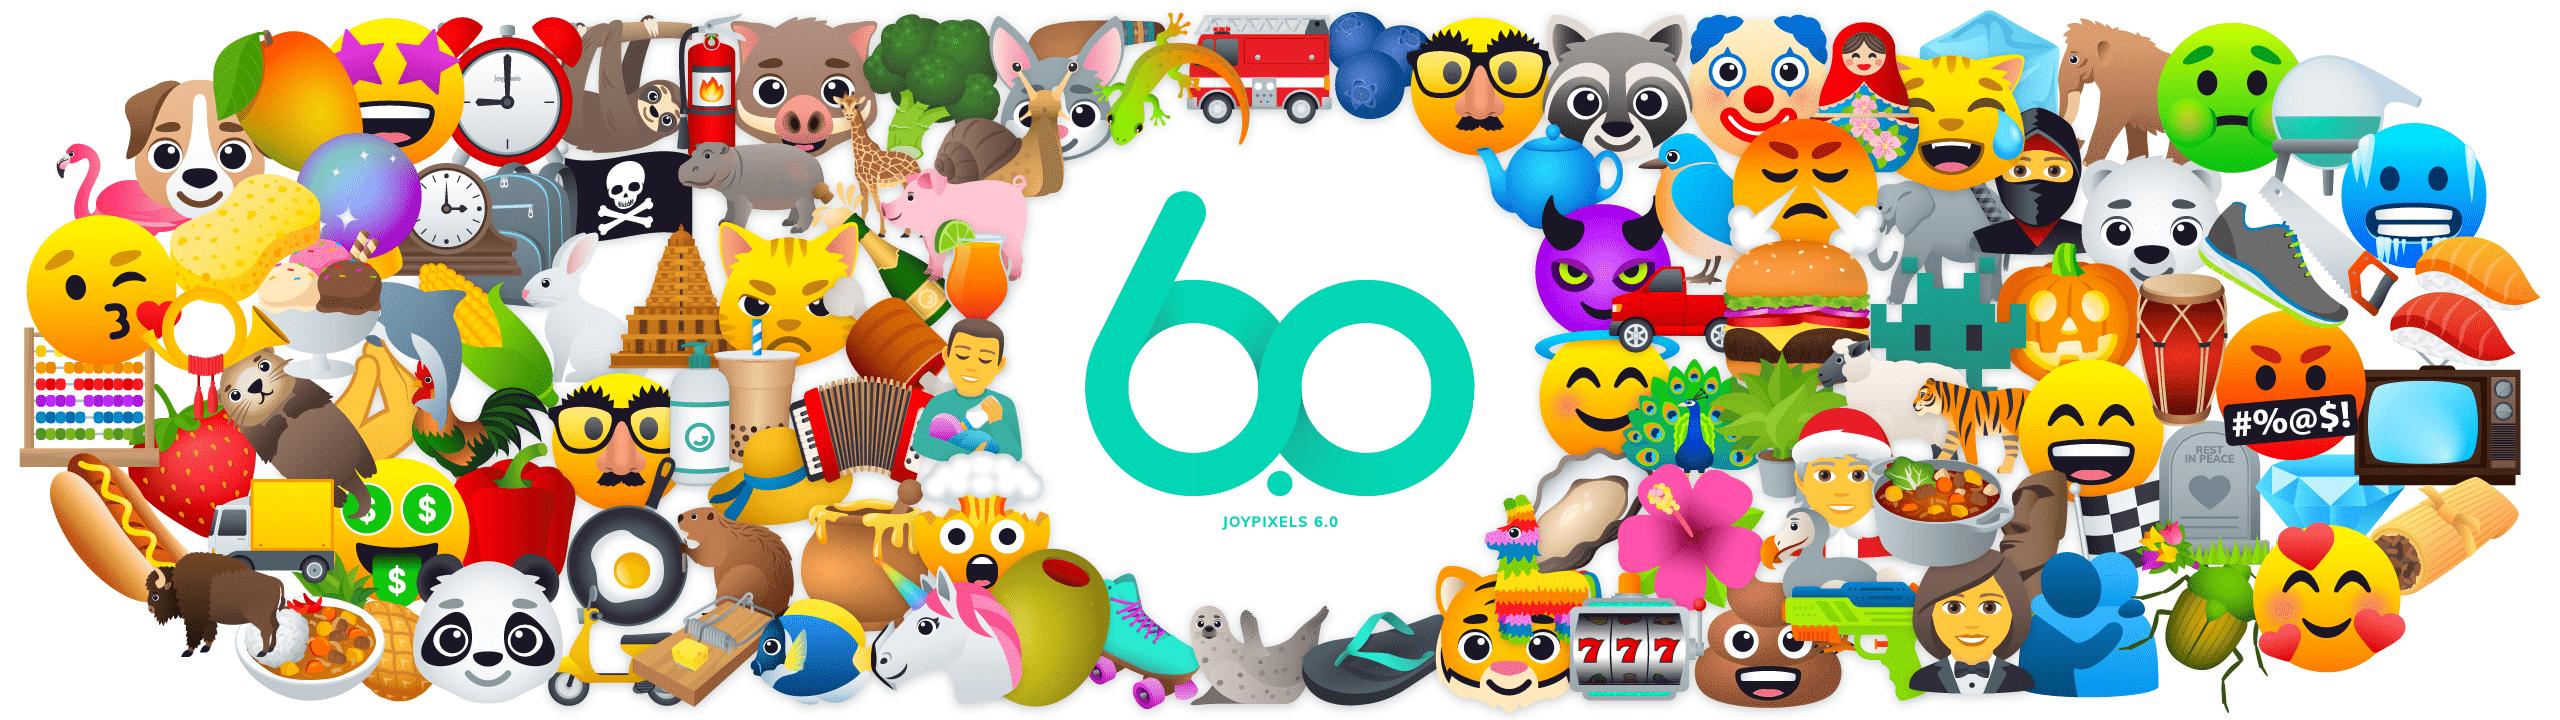 joypixel telechargement emojis